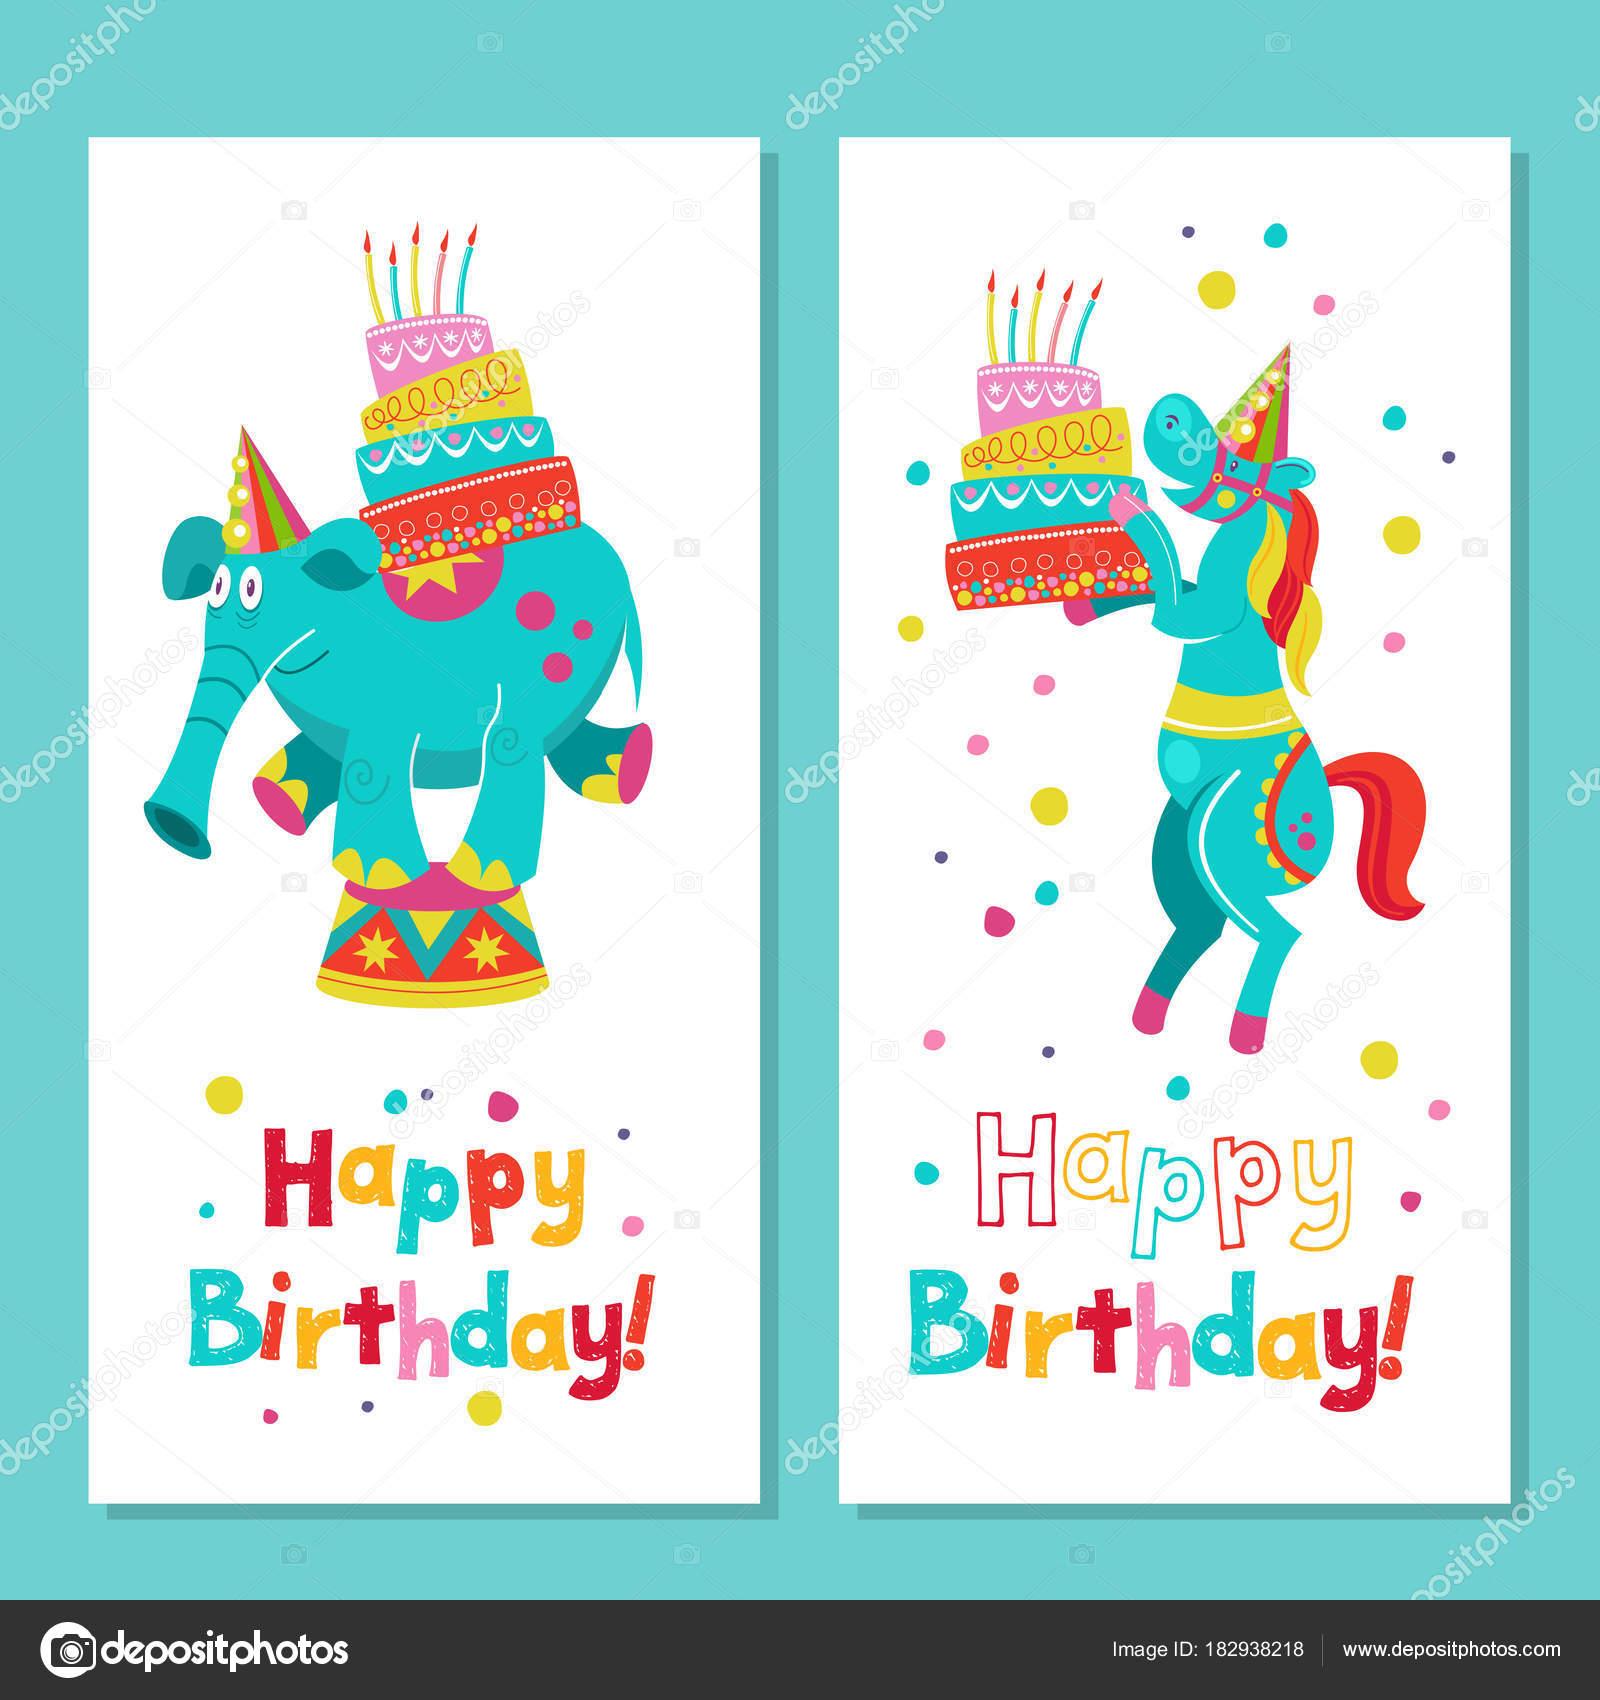 Herzlichen Gluckwunsch Zum Geburtstag Vektor Grusskarte